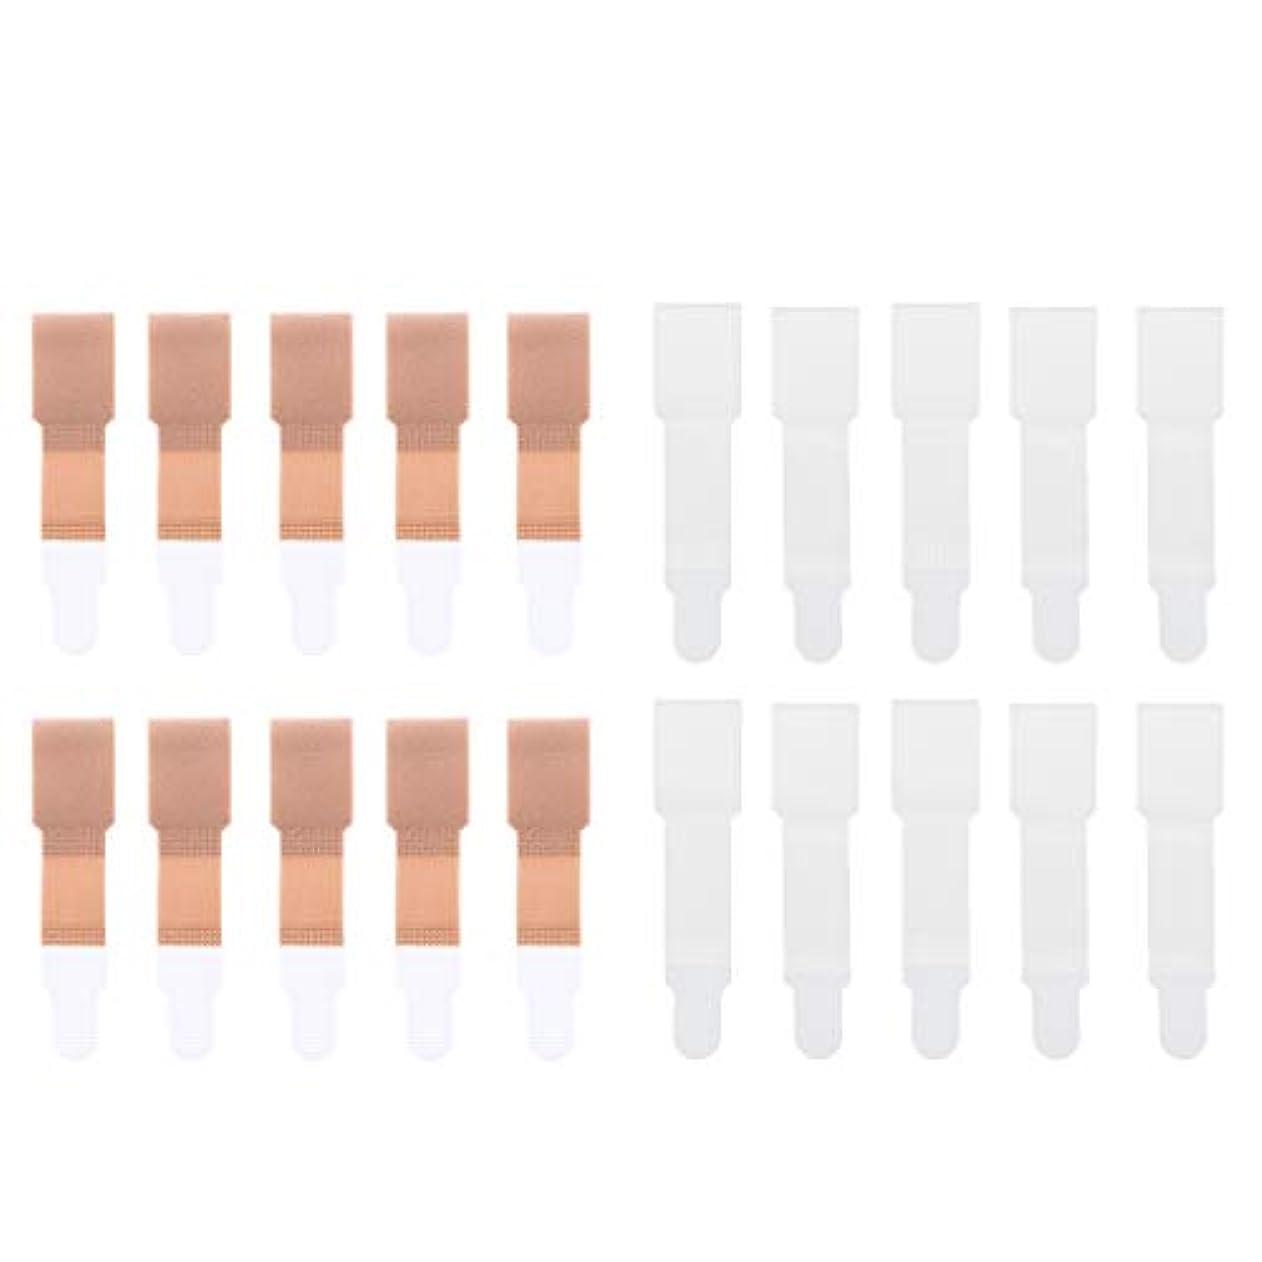 病気バッグロゴsharprepublic 20個セット トゥセパレータ ゴム製 柔軟 滑り止め 足保護 2色選べ - 肌+白